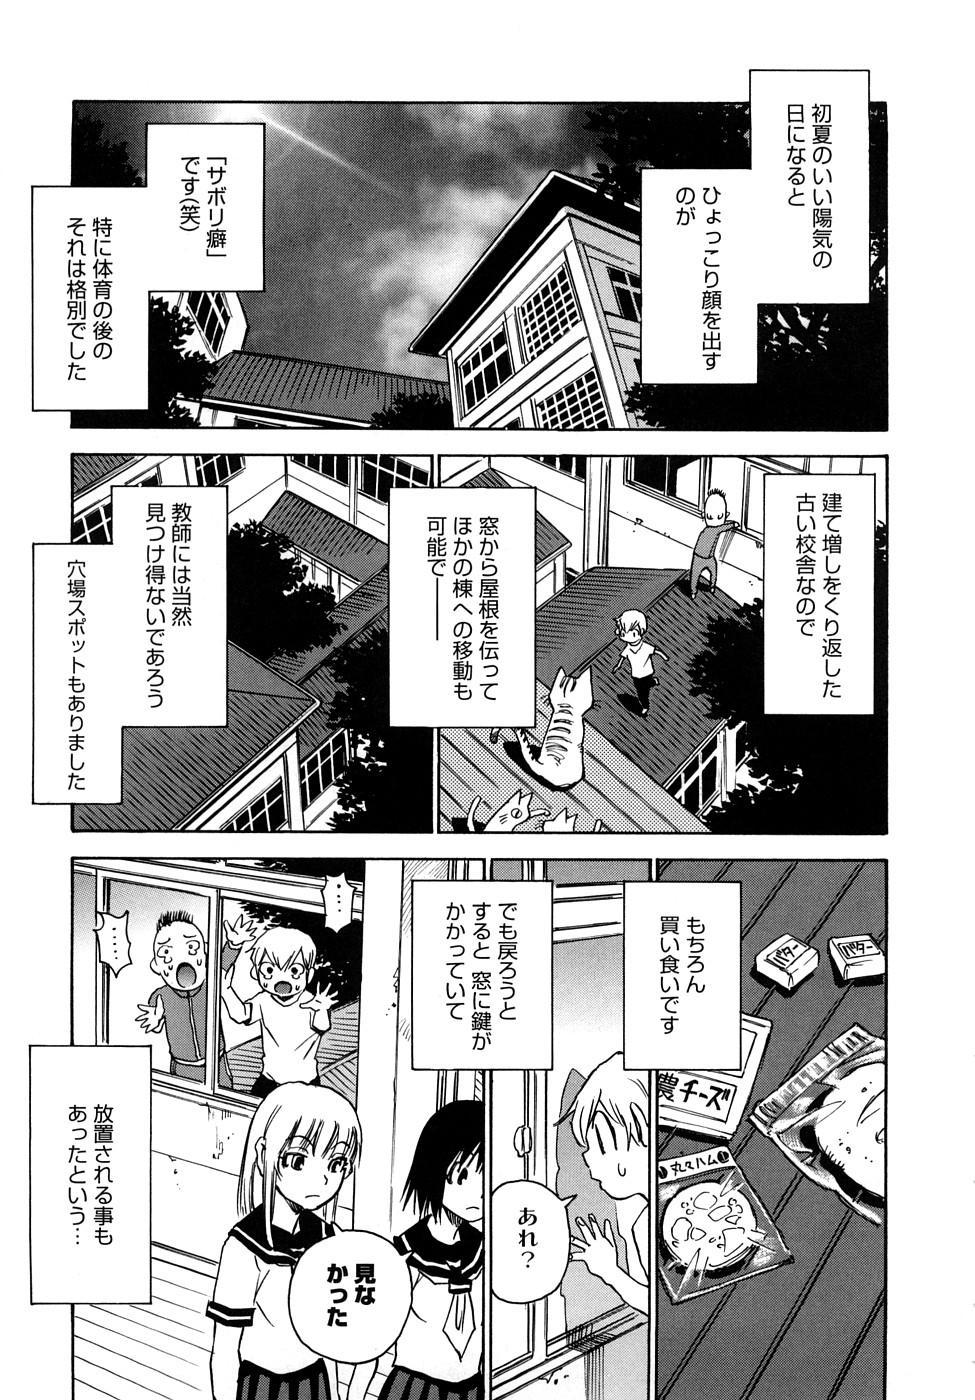 Nanako-san Teki na Nichijou RE 51